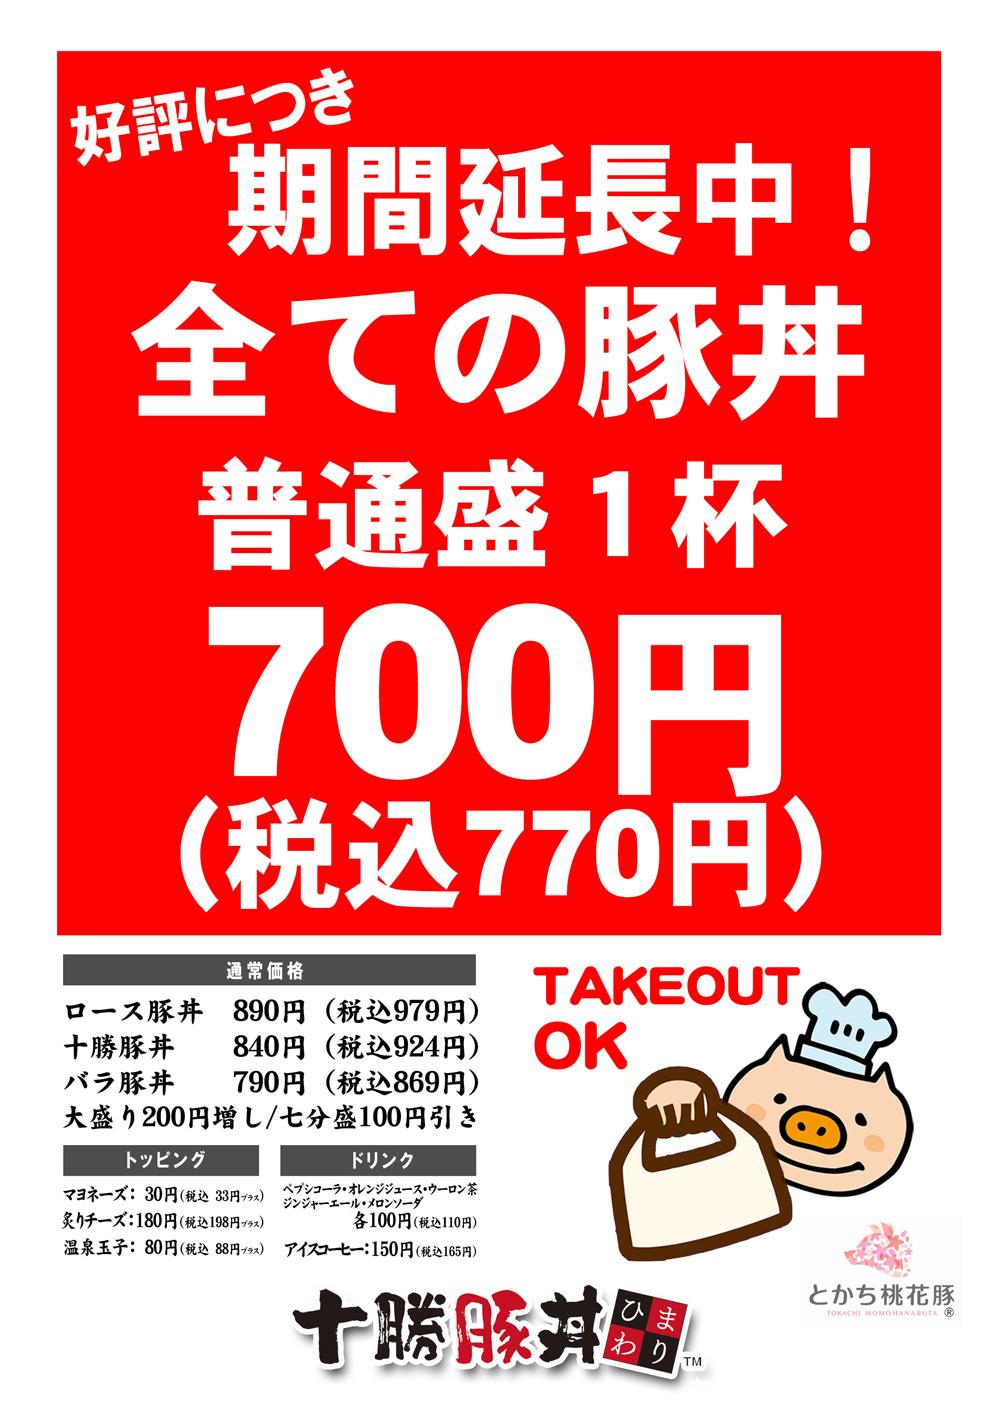 十勝豚丼 好評につき期間延長中!全ての豚丼 普通盛1杯 700円(税込770円)